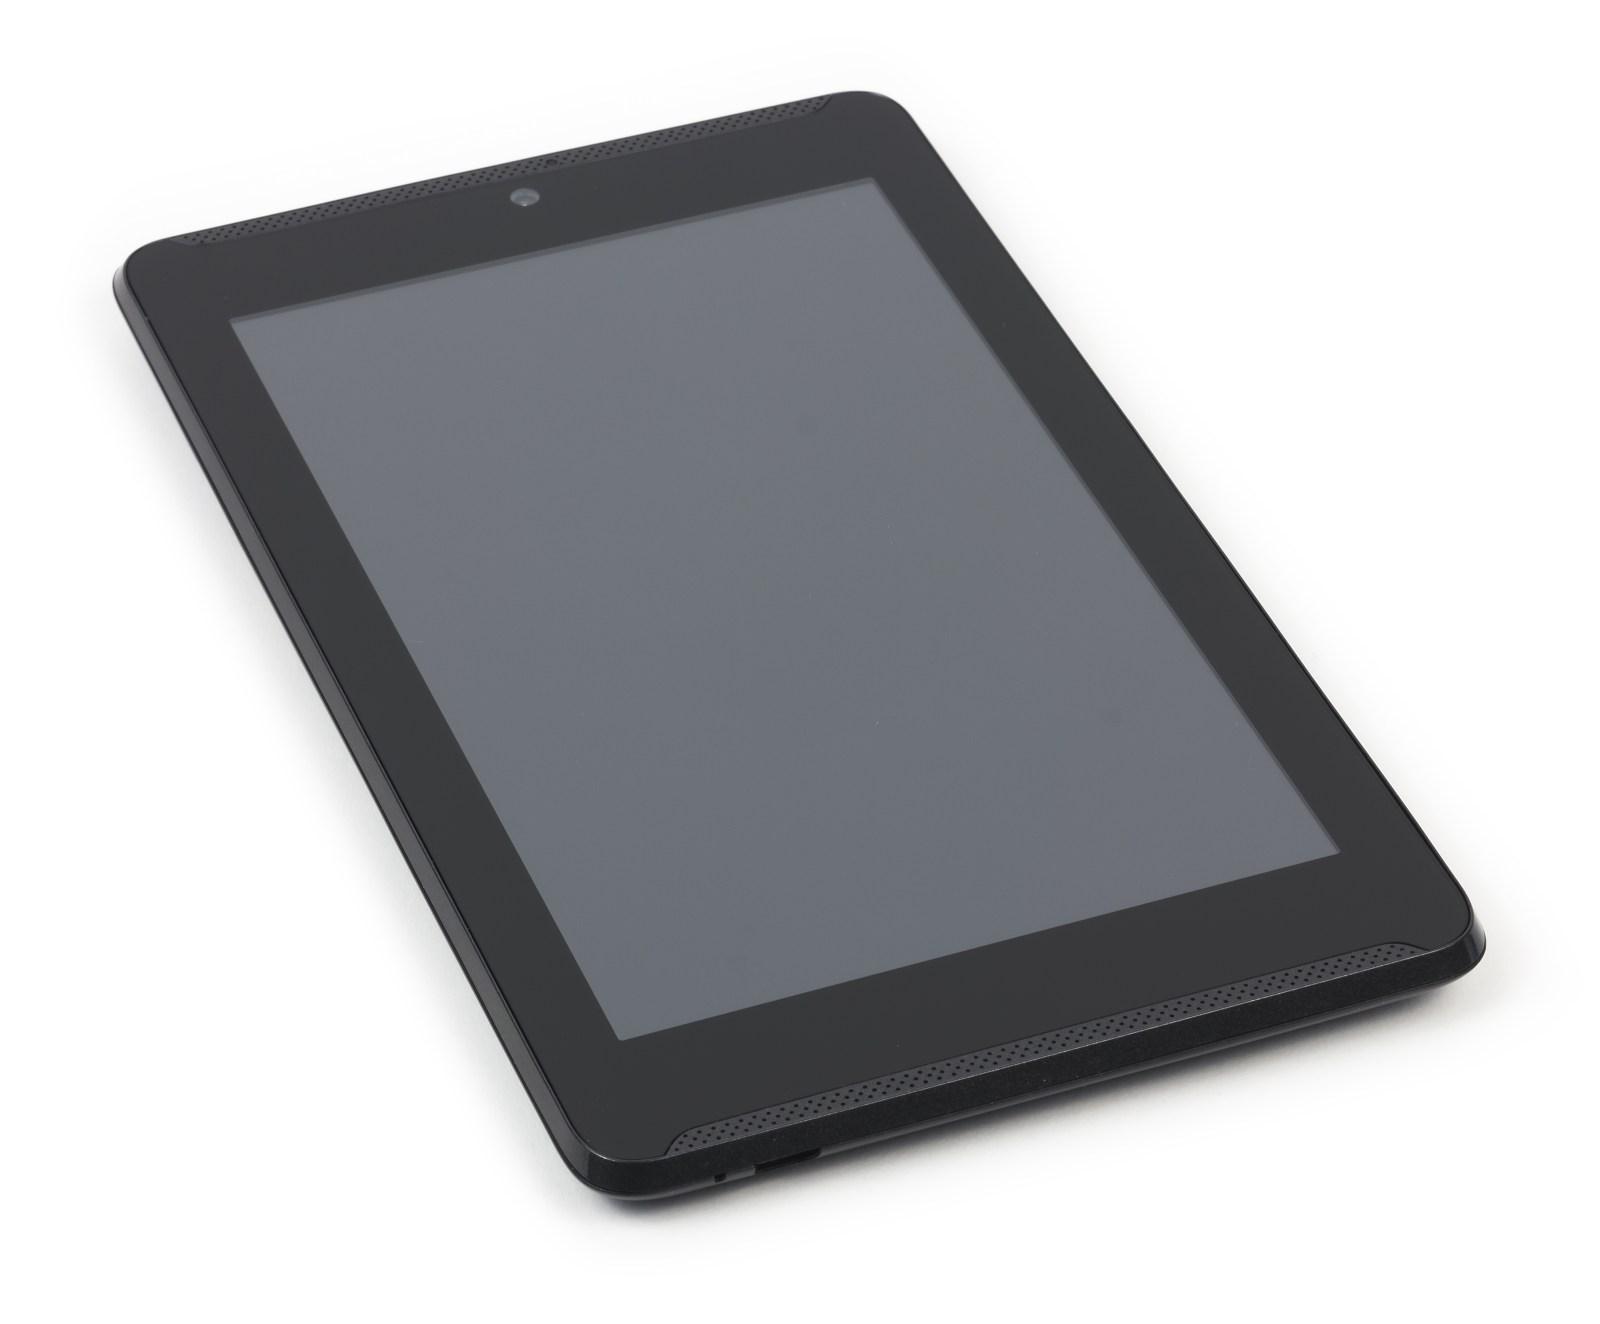 планшет asus k012(fe170cg) инструкция